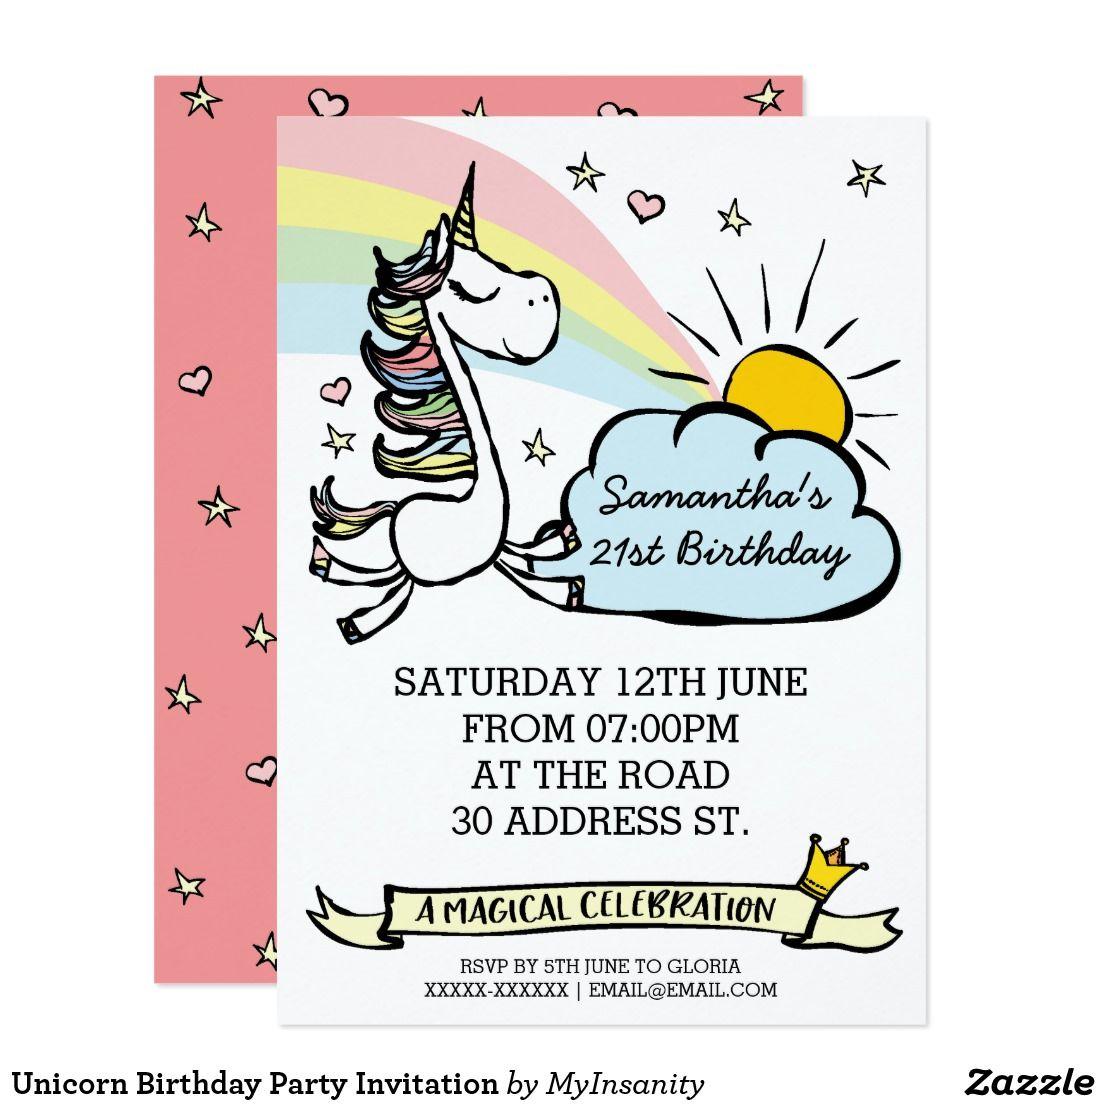 Birthday Party Unicorn Invitation | Birthday Bash! | Pinterest ...